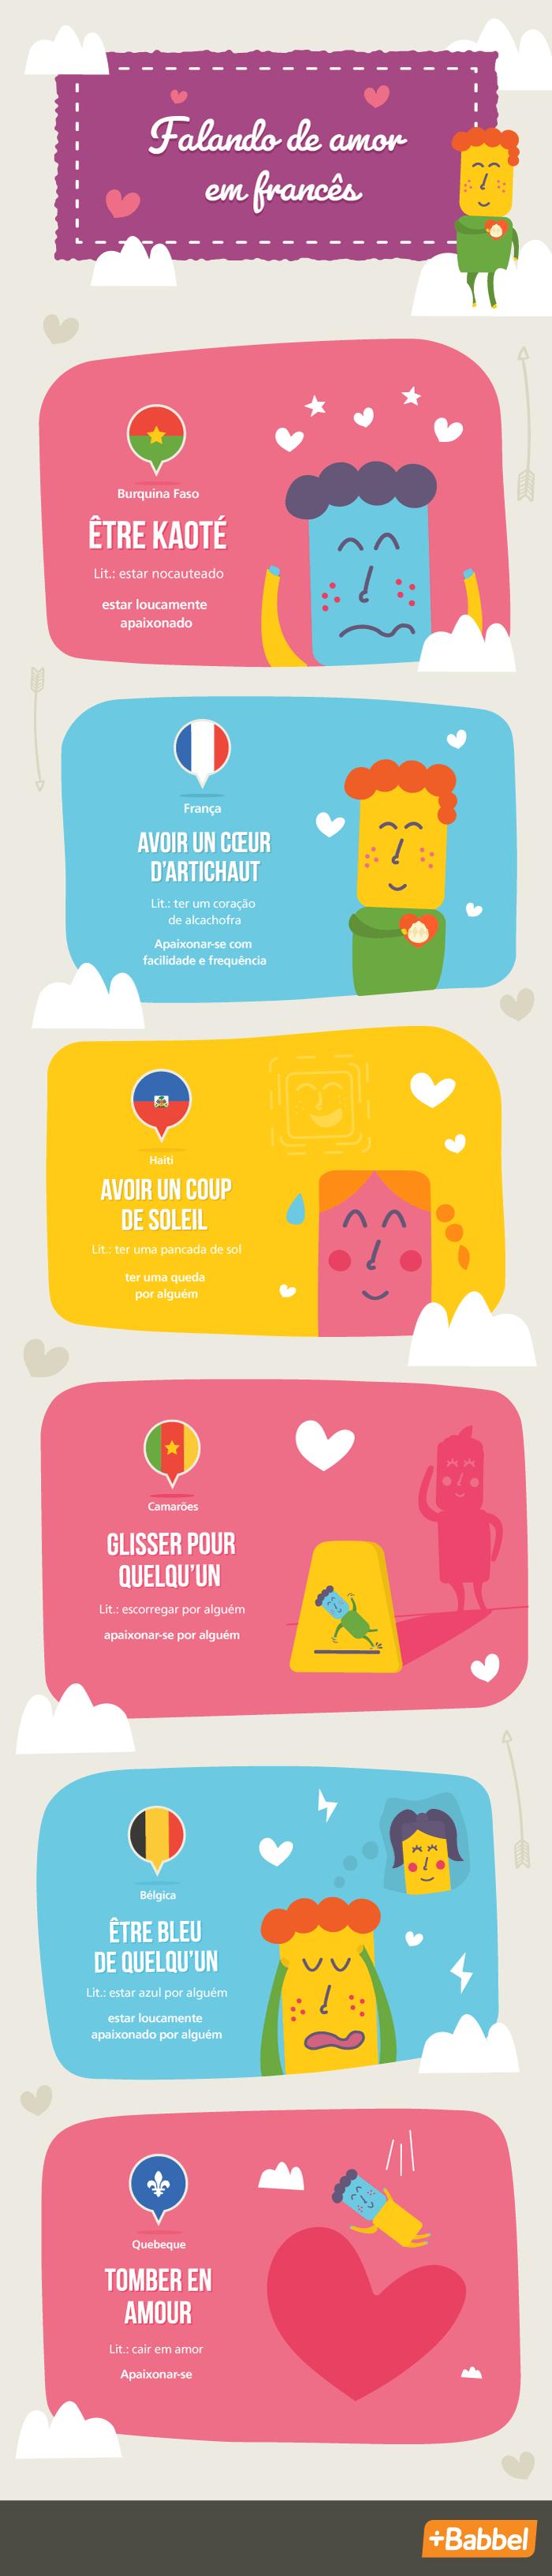 Expressões francesas sobre o amor